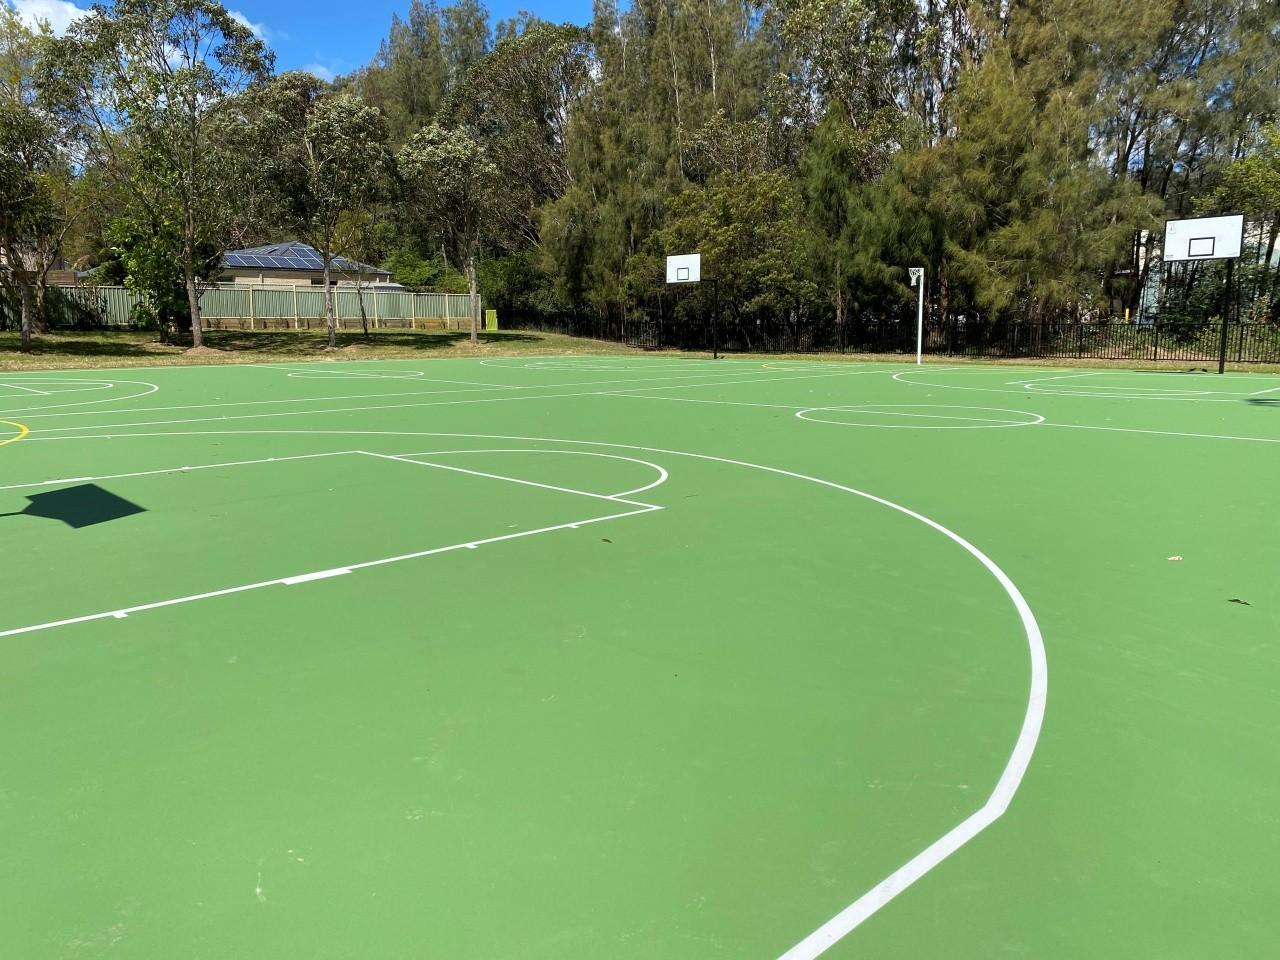 Sun Valley Park Green Point Basketball Court